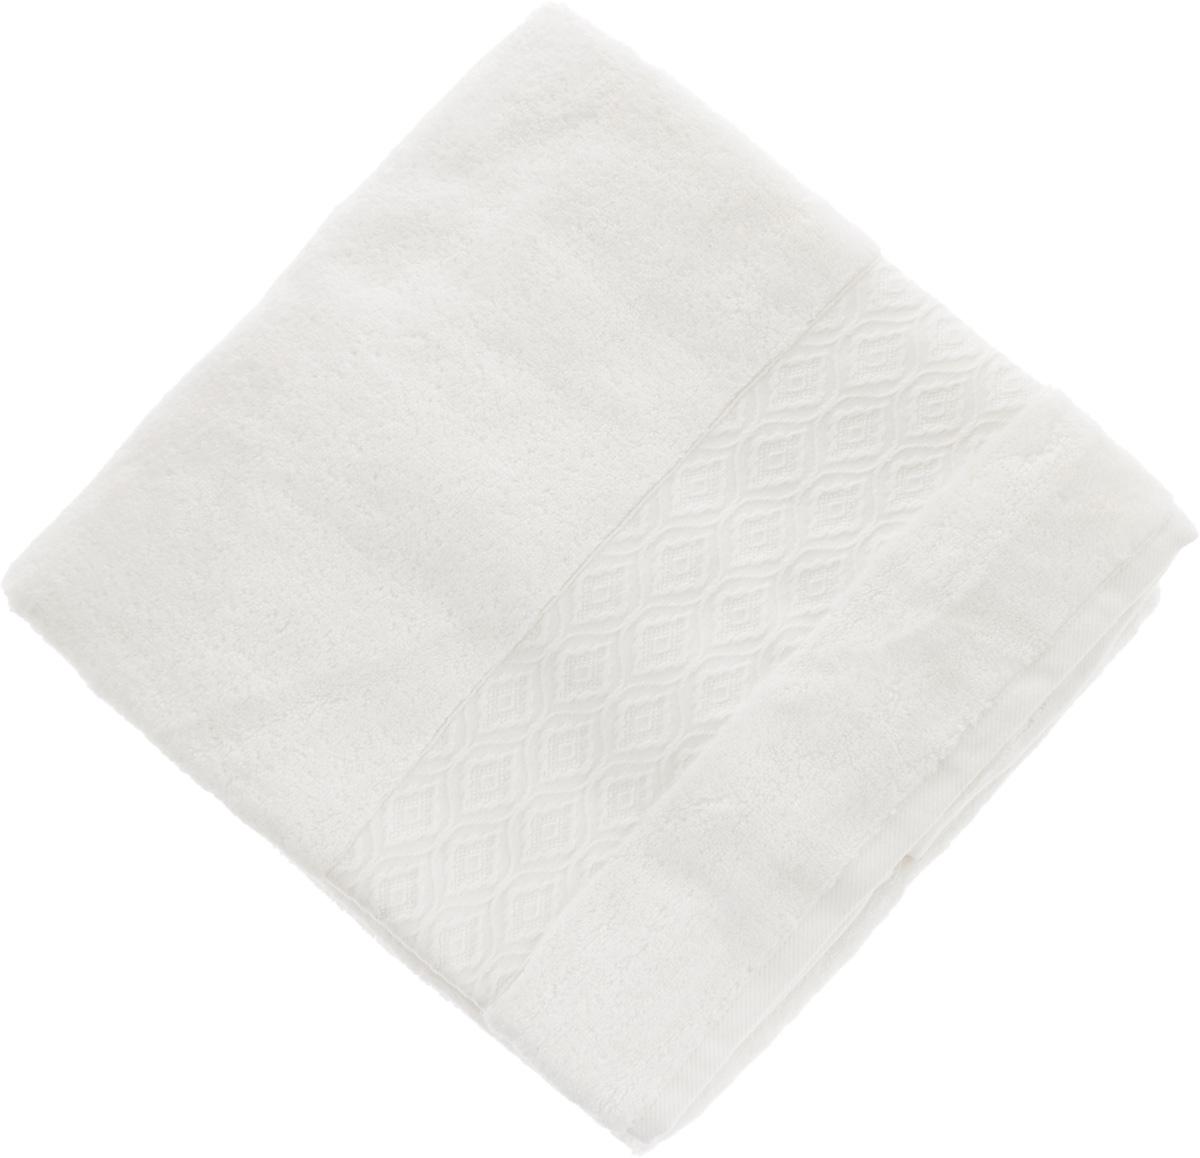 Полотенце Issimo Home Delphine, цвет: белый, 90 x 150 см391602Полотенце Issimo Home Delphine выполнено из модала и хлопка. Такое полотенце обладает уникальными свойствами и характеристиками. Необычайная мягкость модала и шелковистый блеск делают изделие приятными на ощупь и практичными в использовании. Моментально впитывает влагу, сохраняет невесомость даже в мокром виде, быстро сохнет. Полотенце декорировано жаккардовым узором.